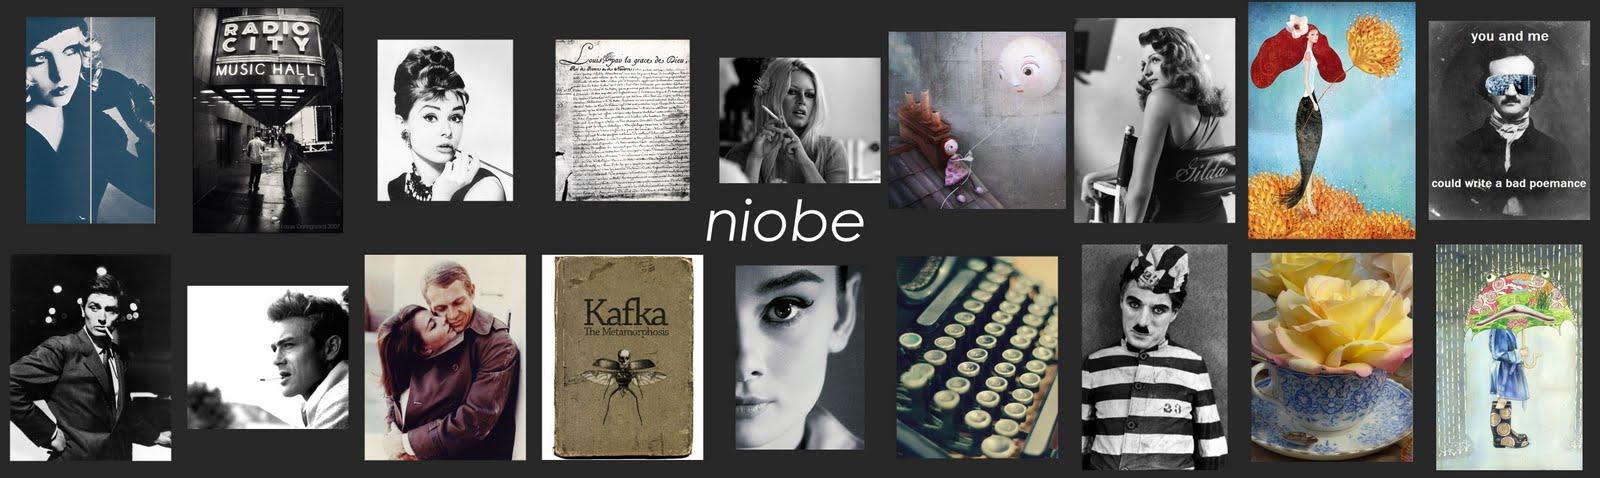 niobe - kırılma noktası